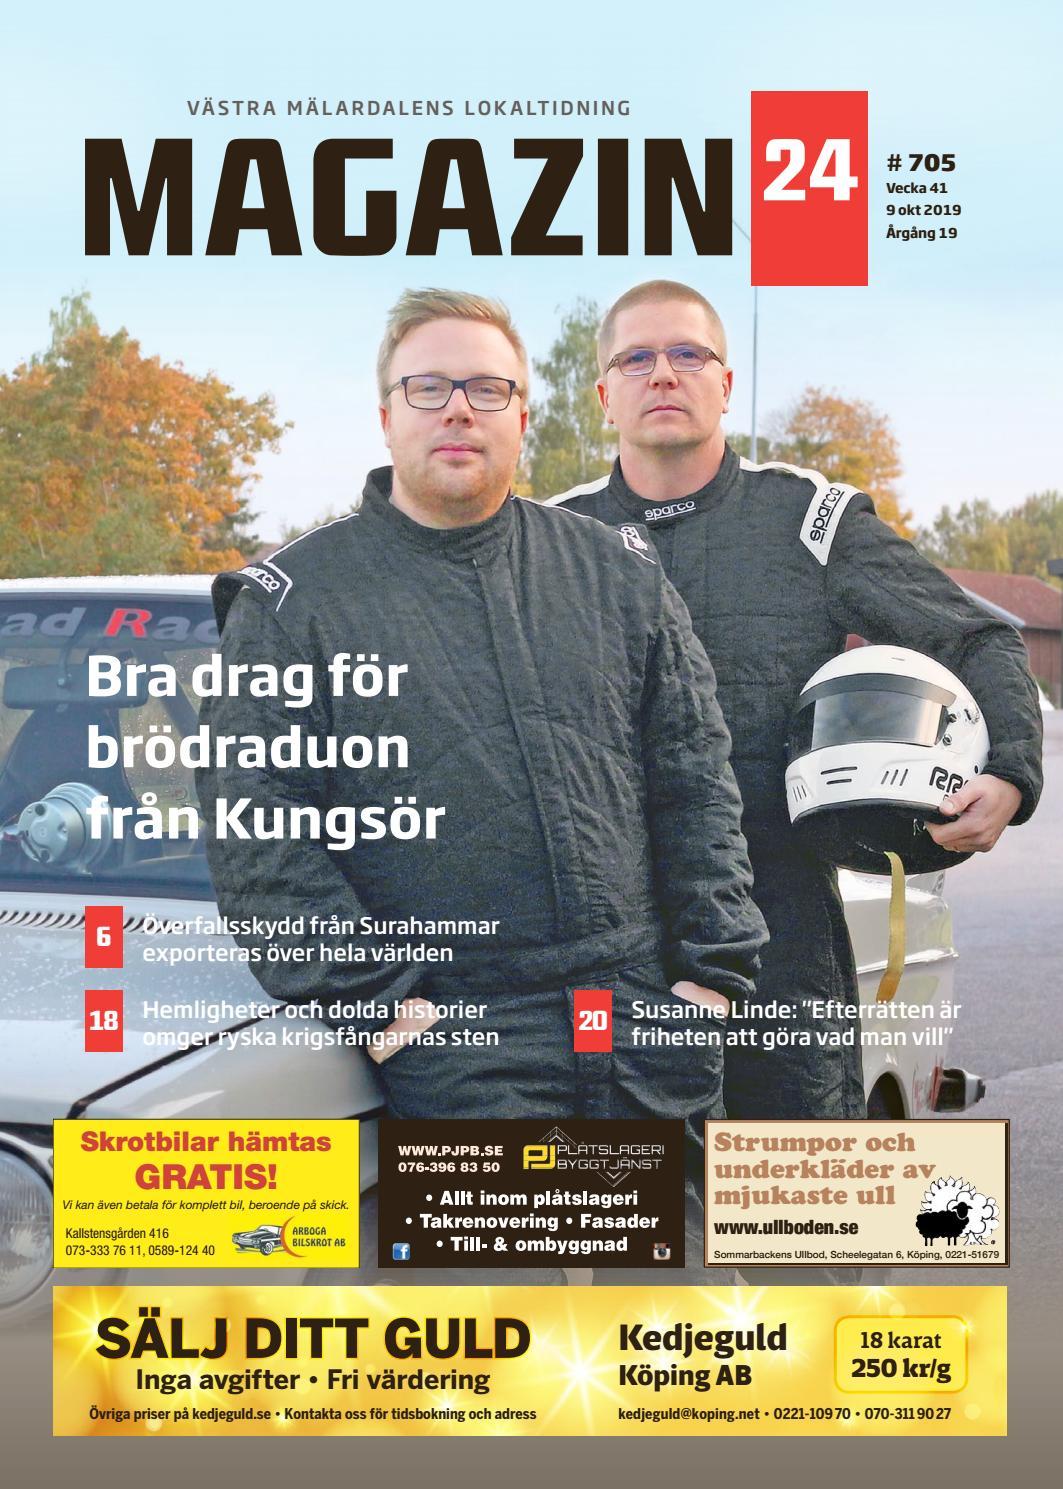 Fabriksgatan 3, Kungsr Vstmanlands Ln, Kungsr - satisfaction-survey.net